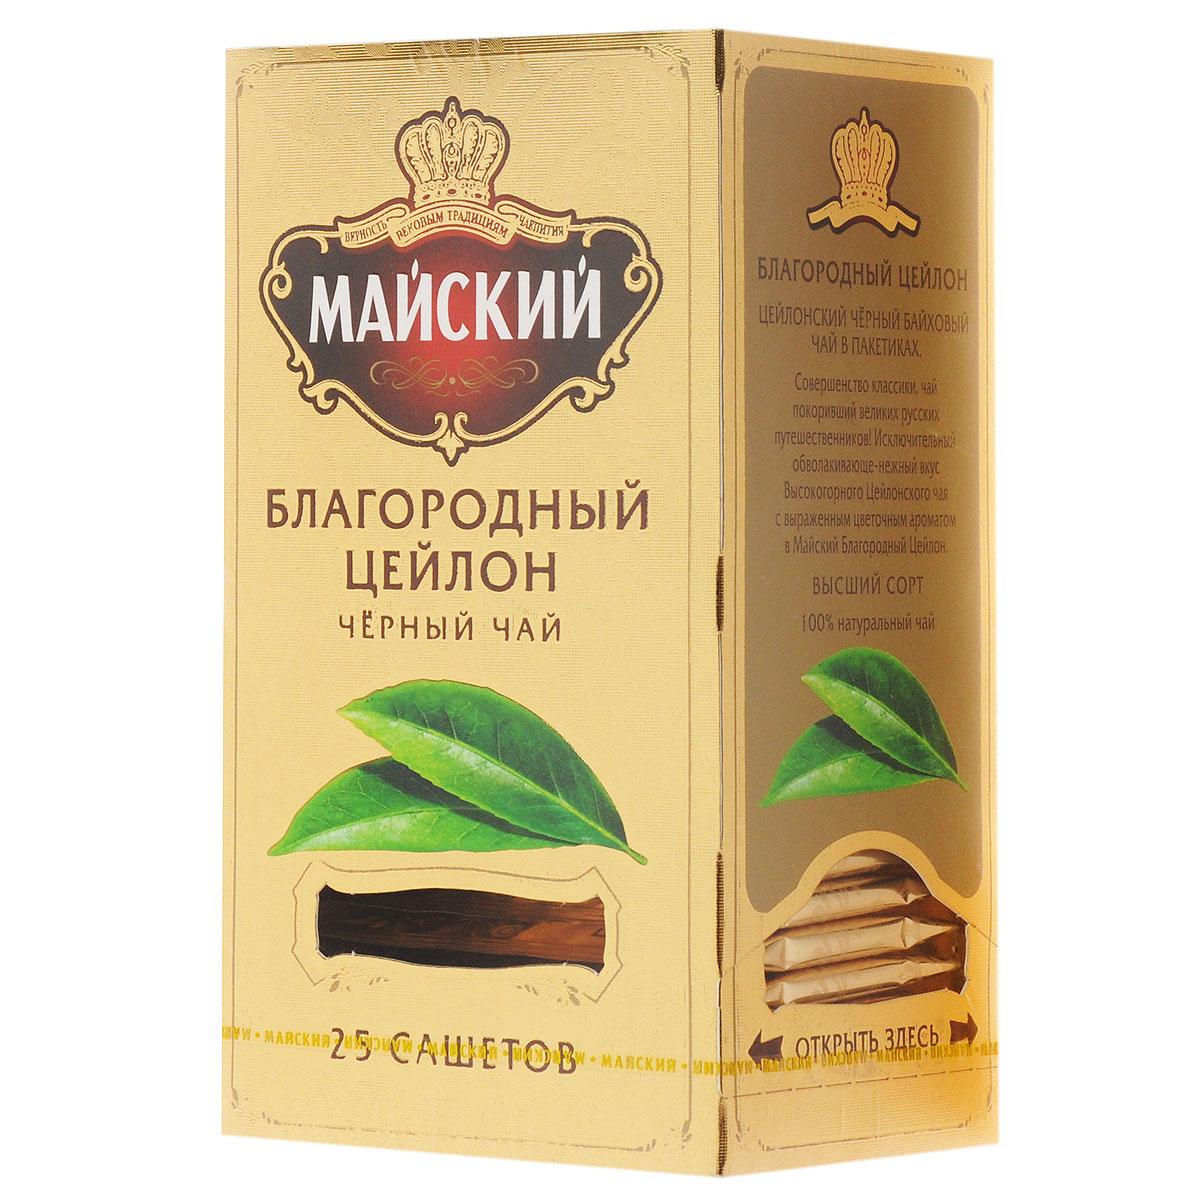 Майский Благородный Цейлон черный чай в пакетиках, 25 шт майский чай благородный цейлон чай черный в пакетиках 100 шт